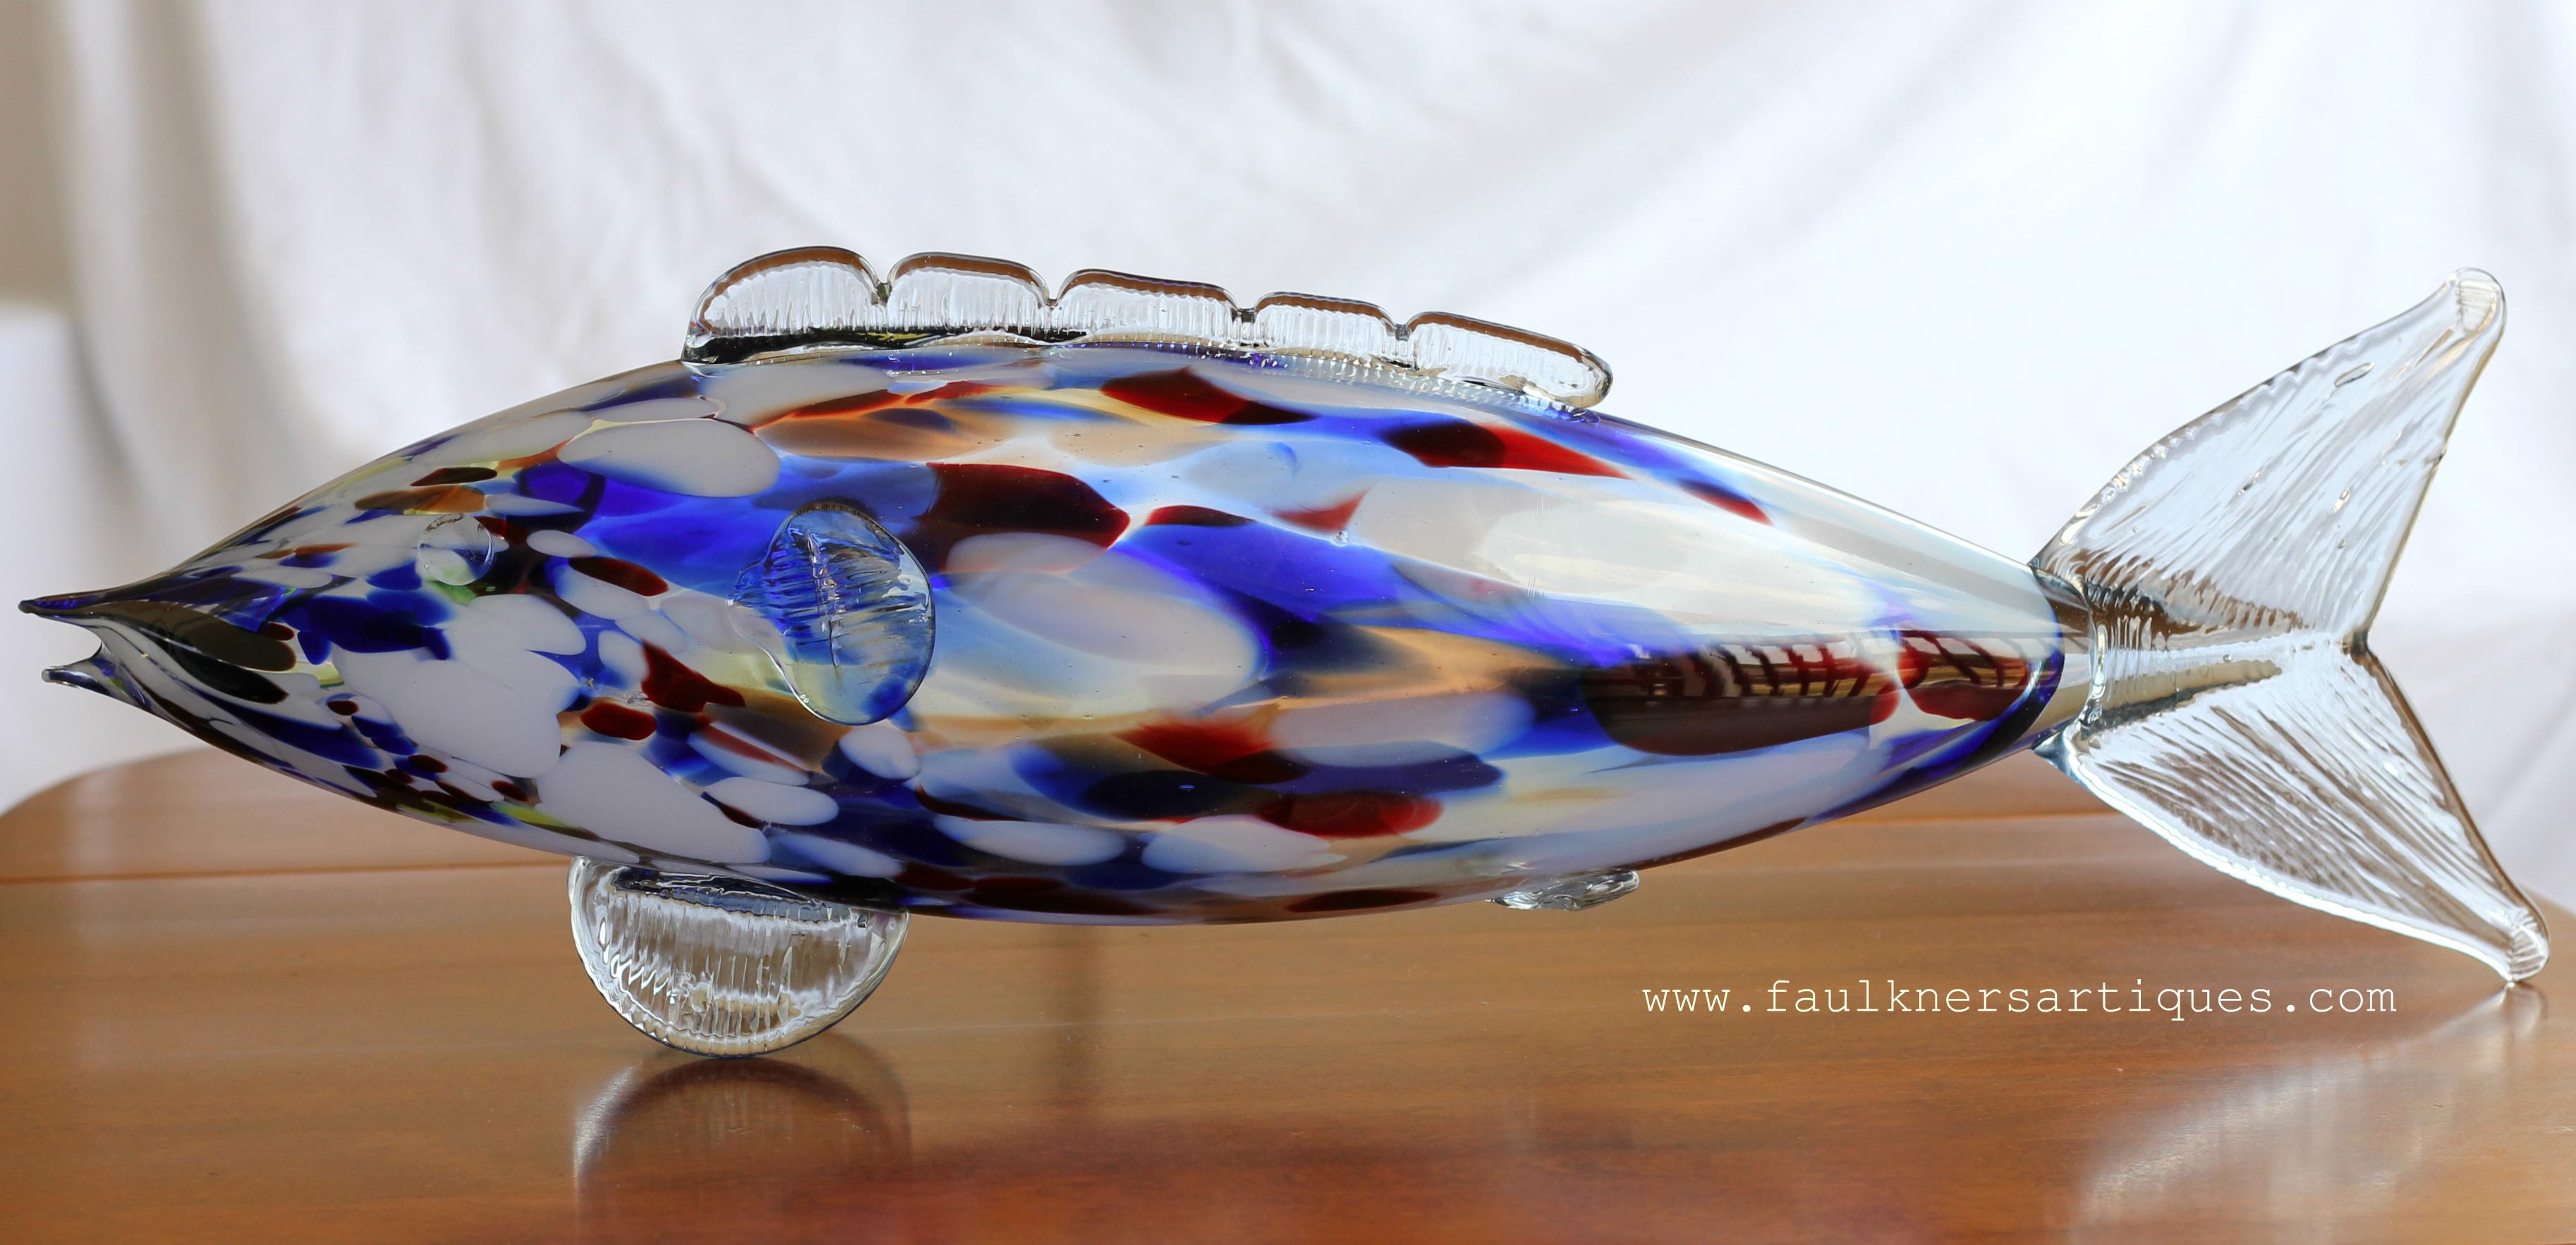 Private sale large murano glass fish faulkner 39 s artiques for Murano glass fish